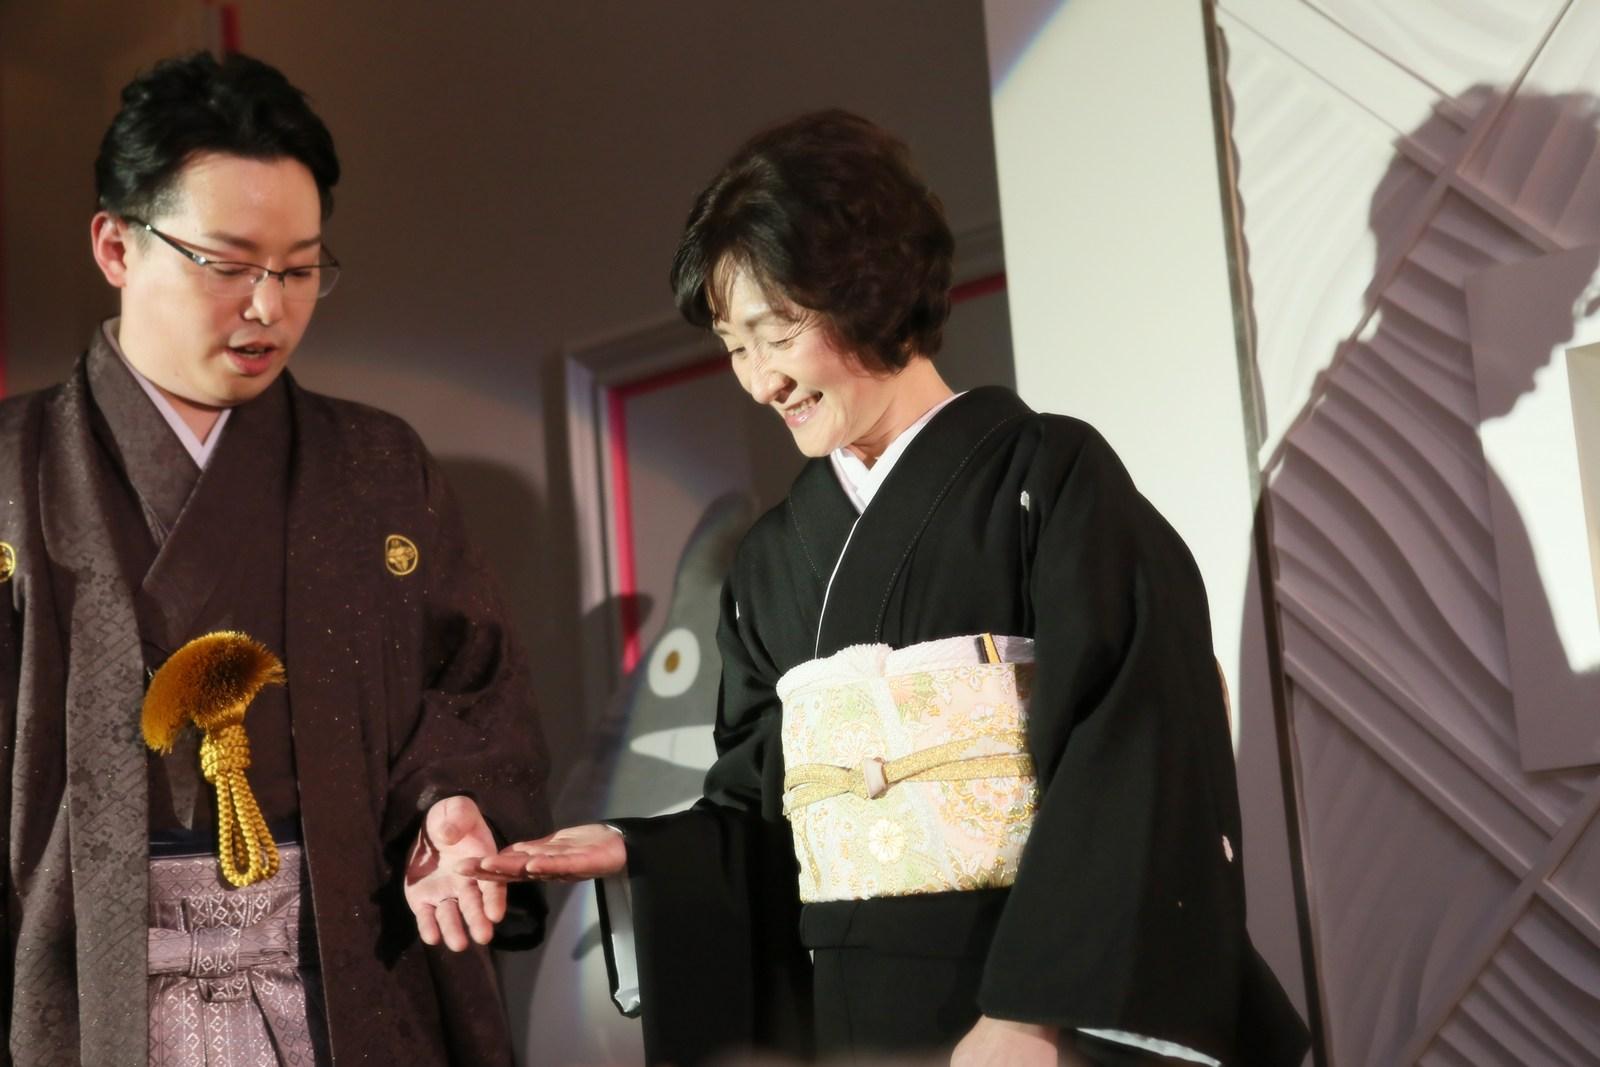 徳島市の結婚式場ブランアンジュで新郎の退場をエスコートするお母様